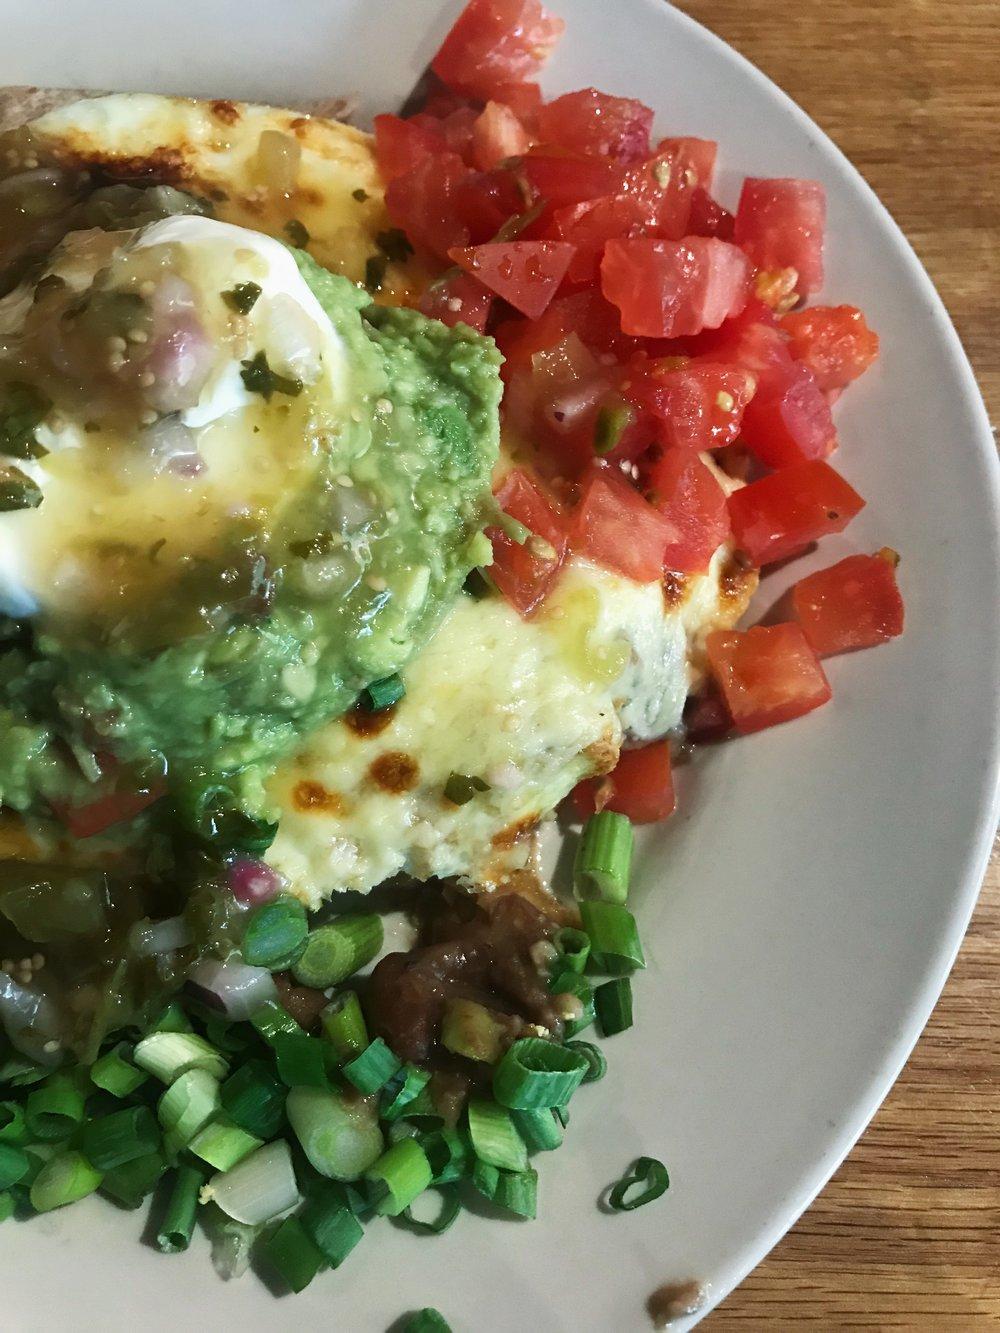 Pictured is a Seva original dish; eggs veracruz